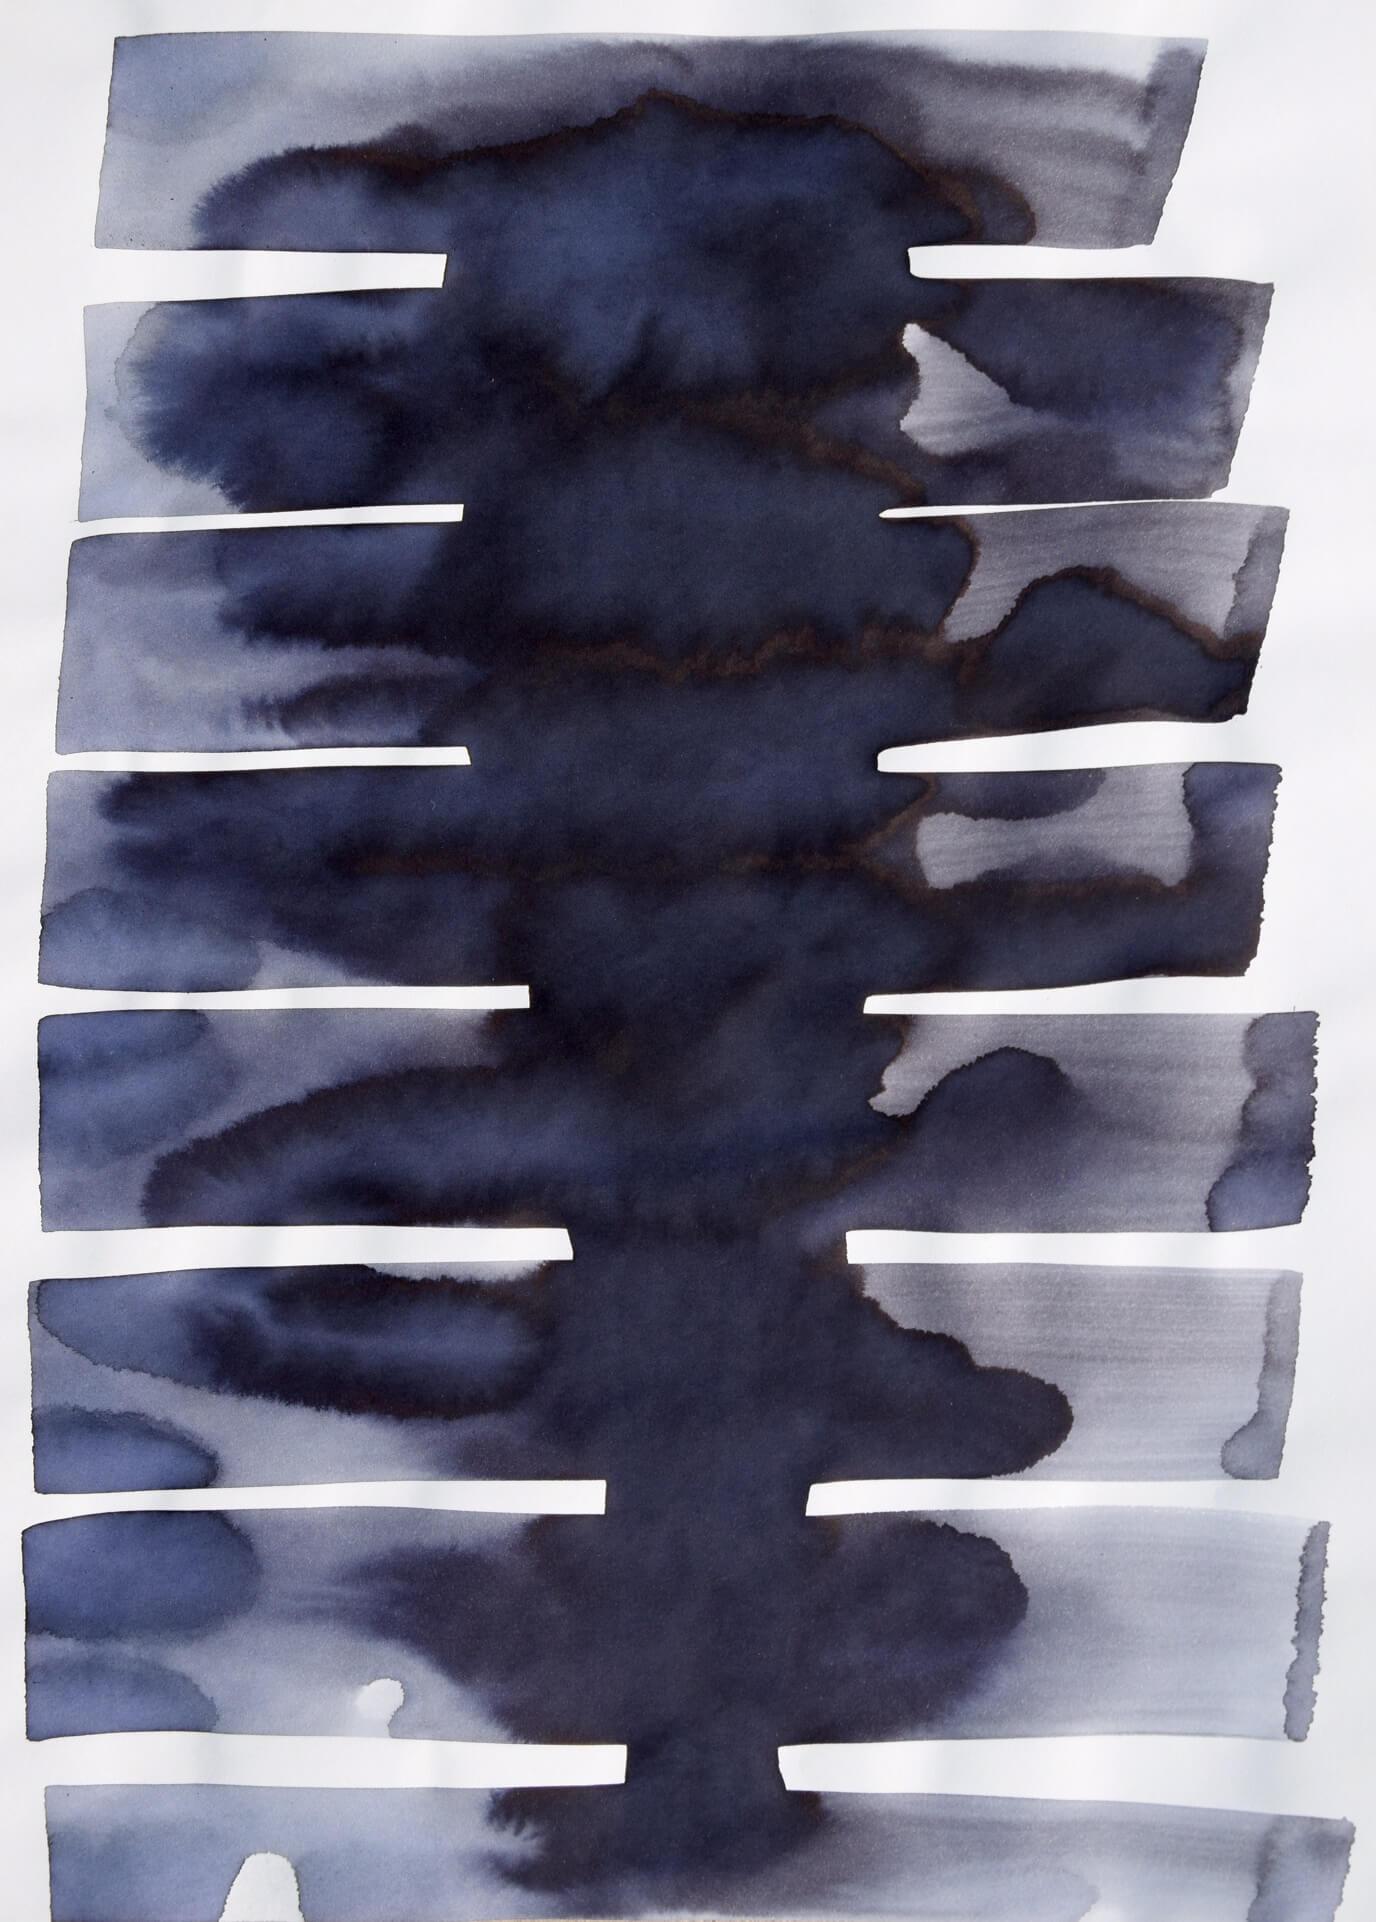 Federico Branchetti - Quadri dipinti - Corpo, acqua e nebbia 2019 - 9